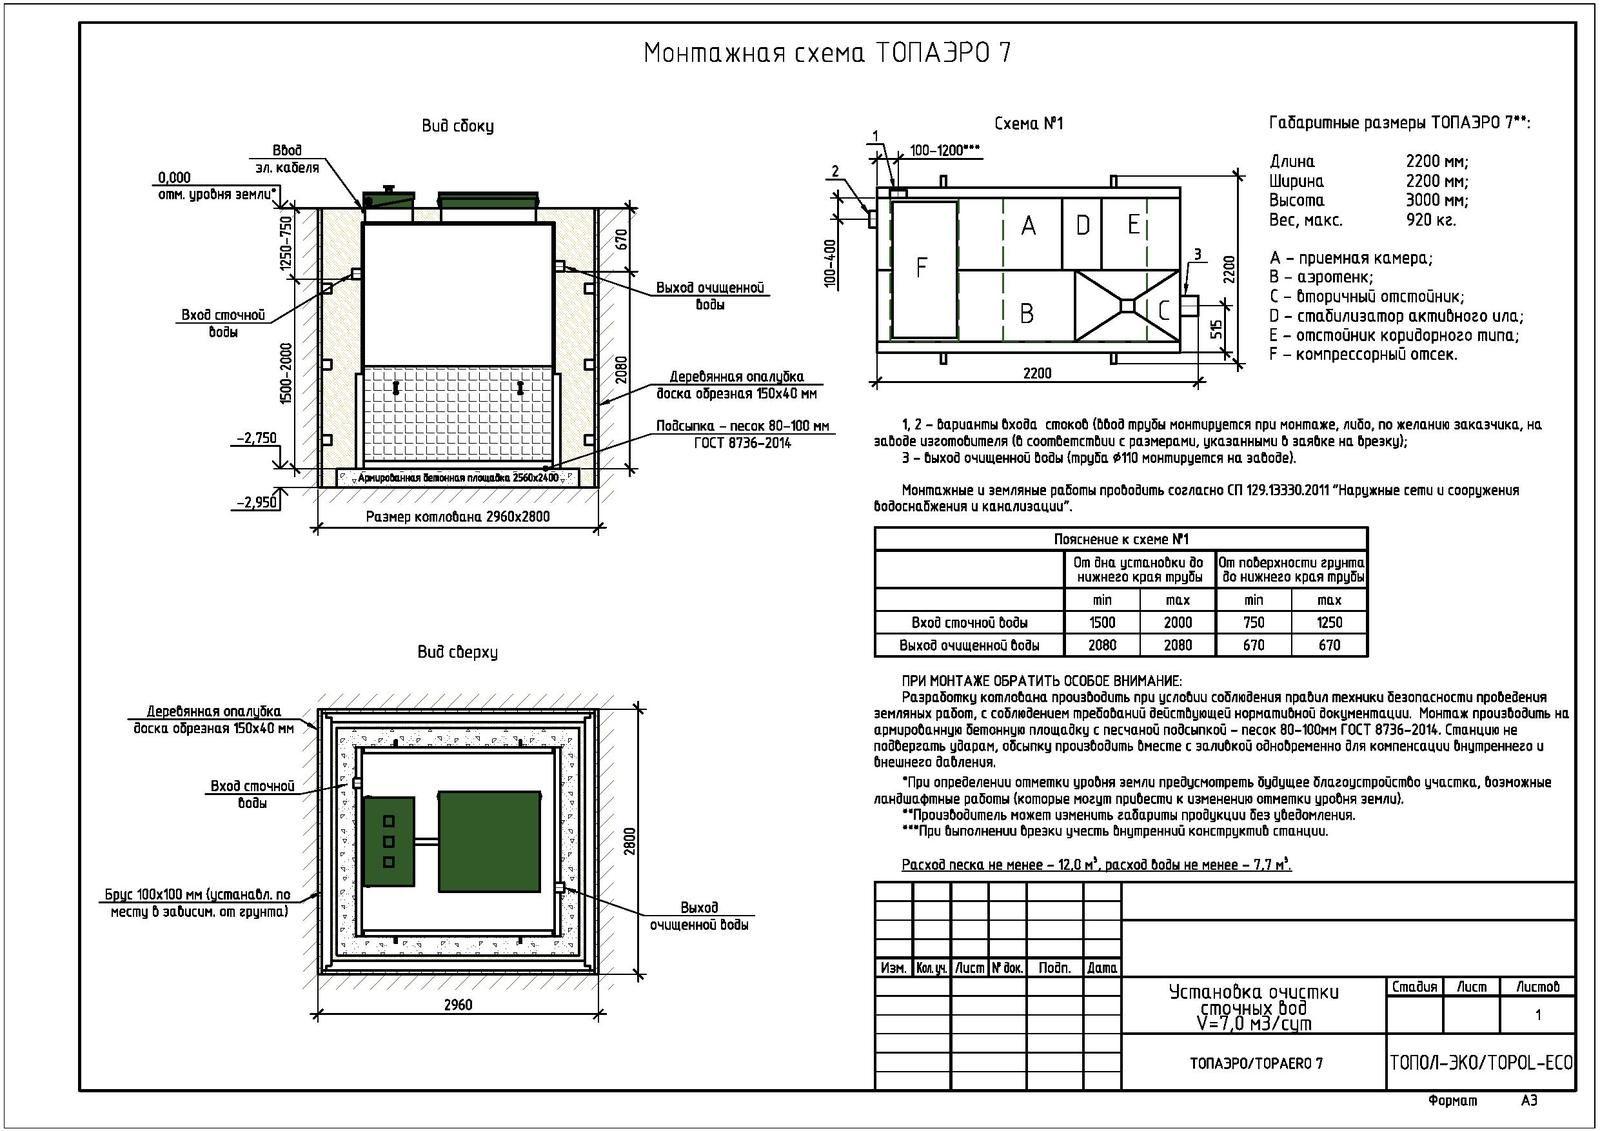 Монтажная схема септика Топаэро 7